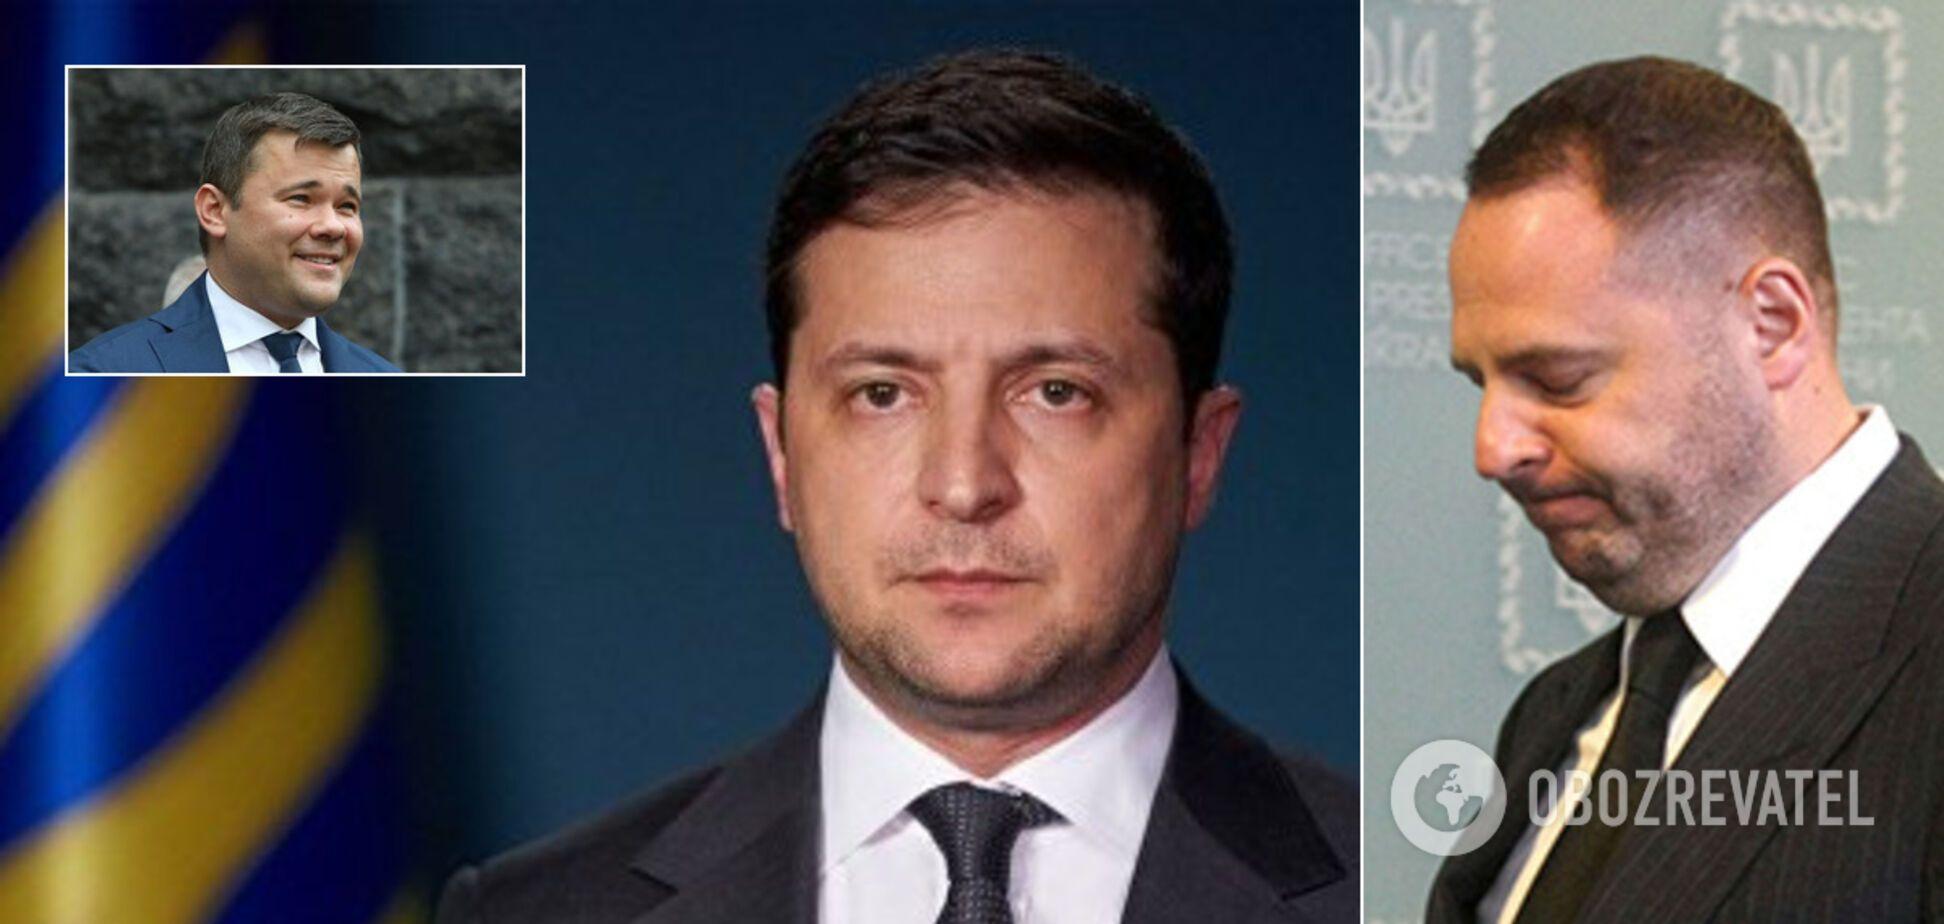 Уроки коррупции от Ермака и Богдана: насколько сильно ударят скандалы по Зеленскому